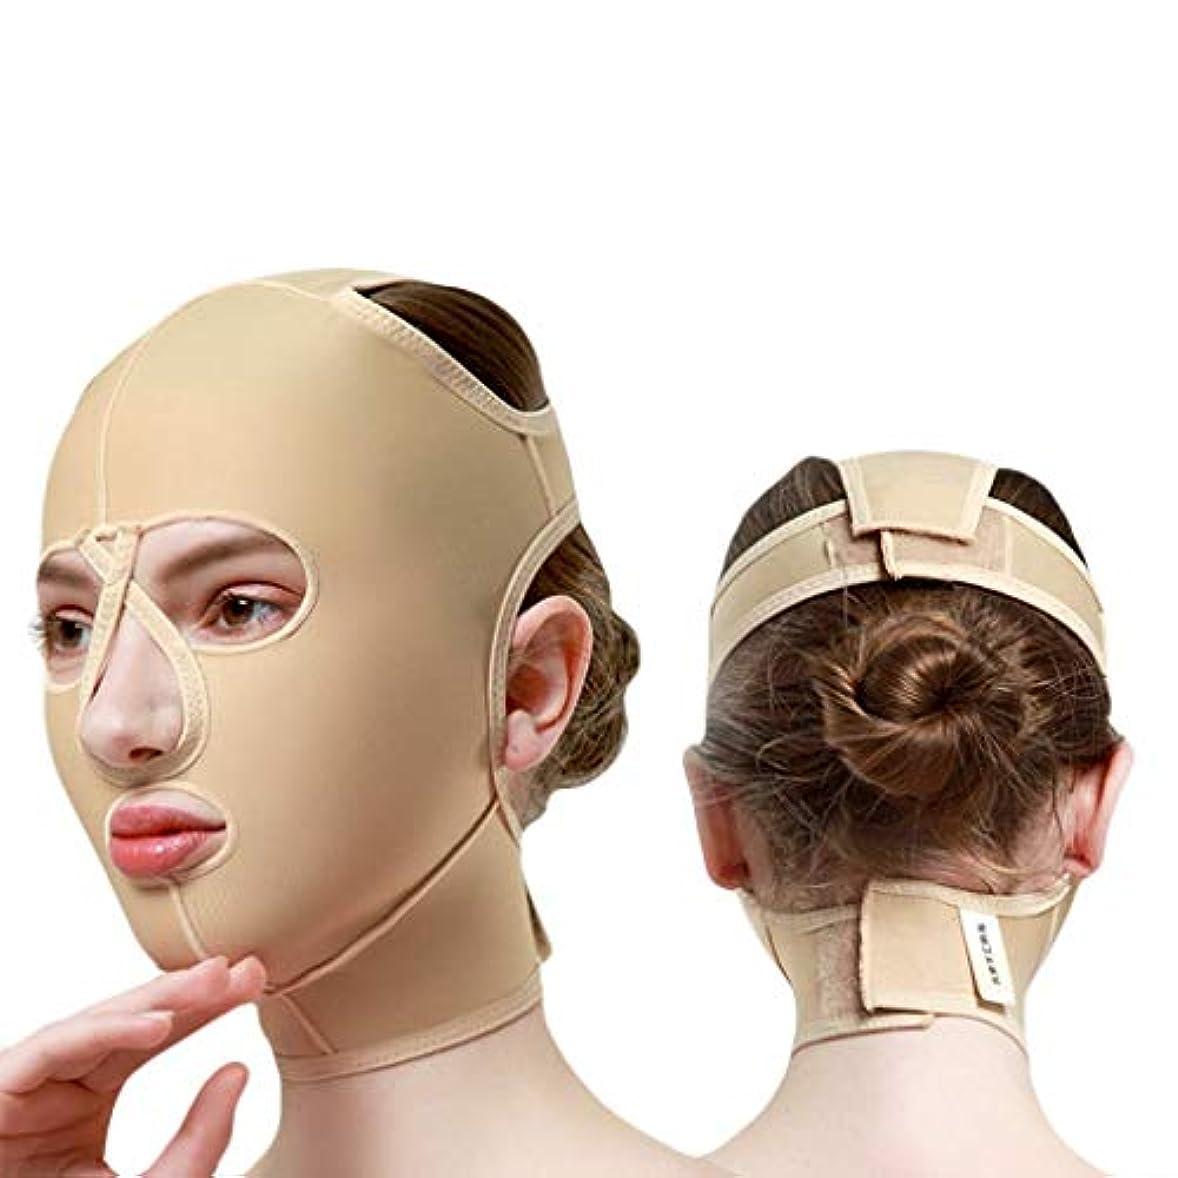 弁護人文法お互いチンストラップ、顔彫りツール、リフティングマスク、ダブルチンリデューサー、フェイスリフティングエラスティックマスクメス(サイズ:M),XL